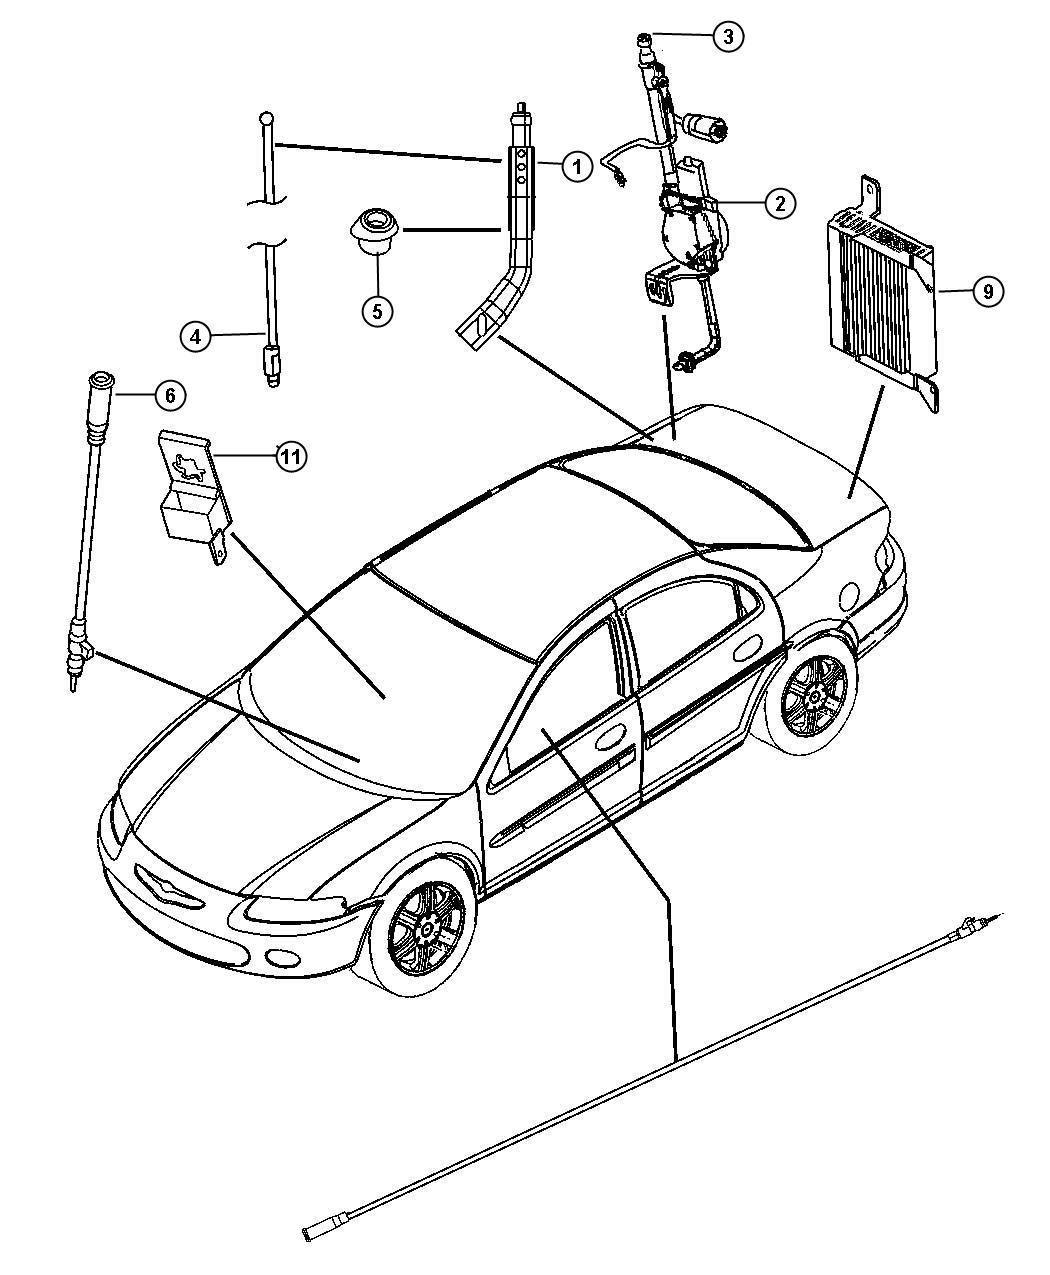 Dodge Nitro Antenna Fixed Long Mast Antenna Body